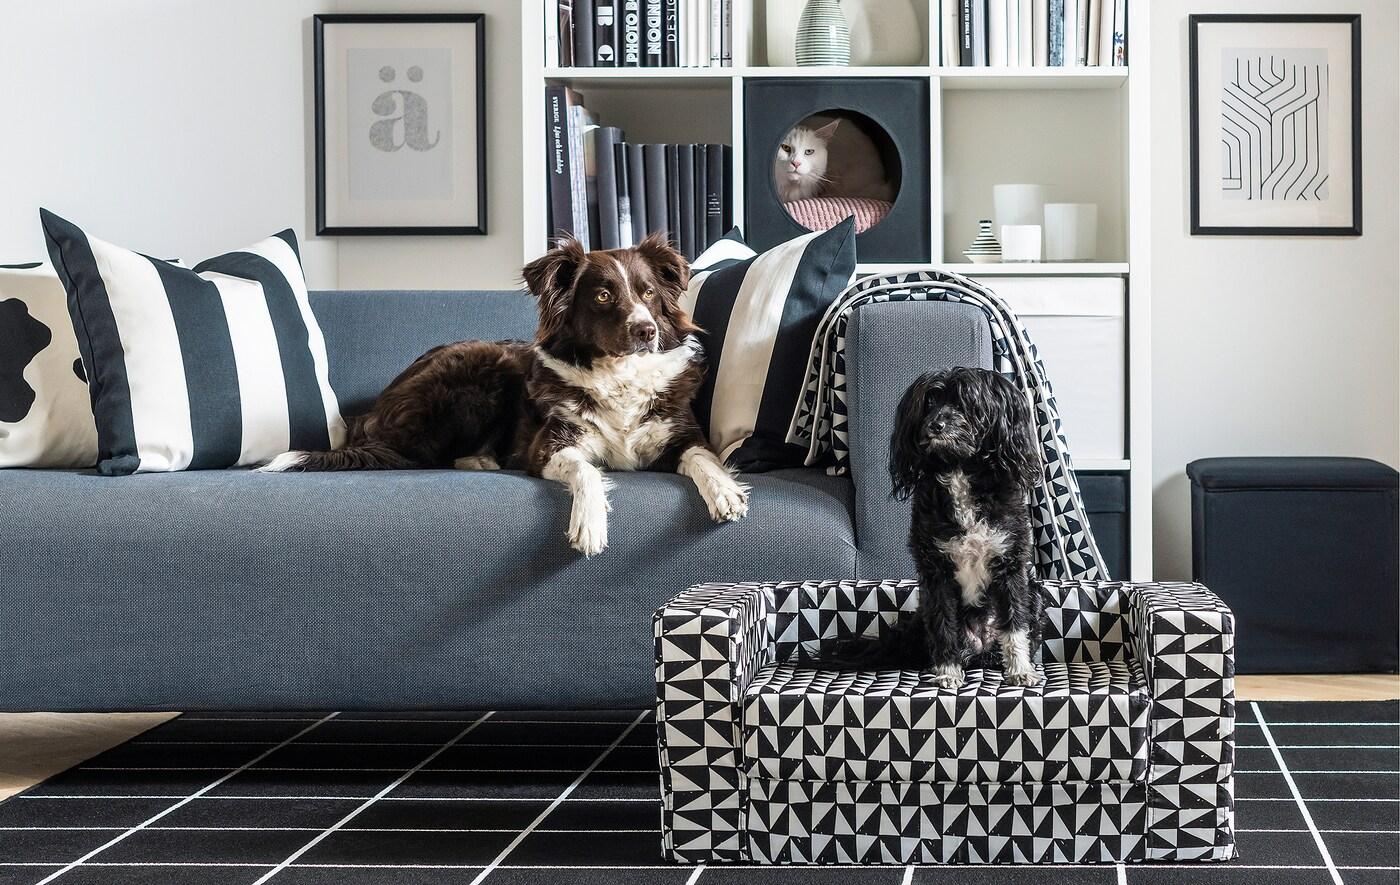 Lien vers le billet de blogue IDÉES «Améliorer le quotidien de nos compagnons à quatre pattes» – image d'un salon avec deux chiens et un chat qui se détendent avec style.